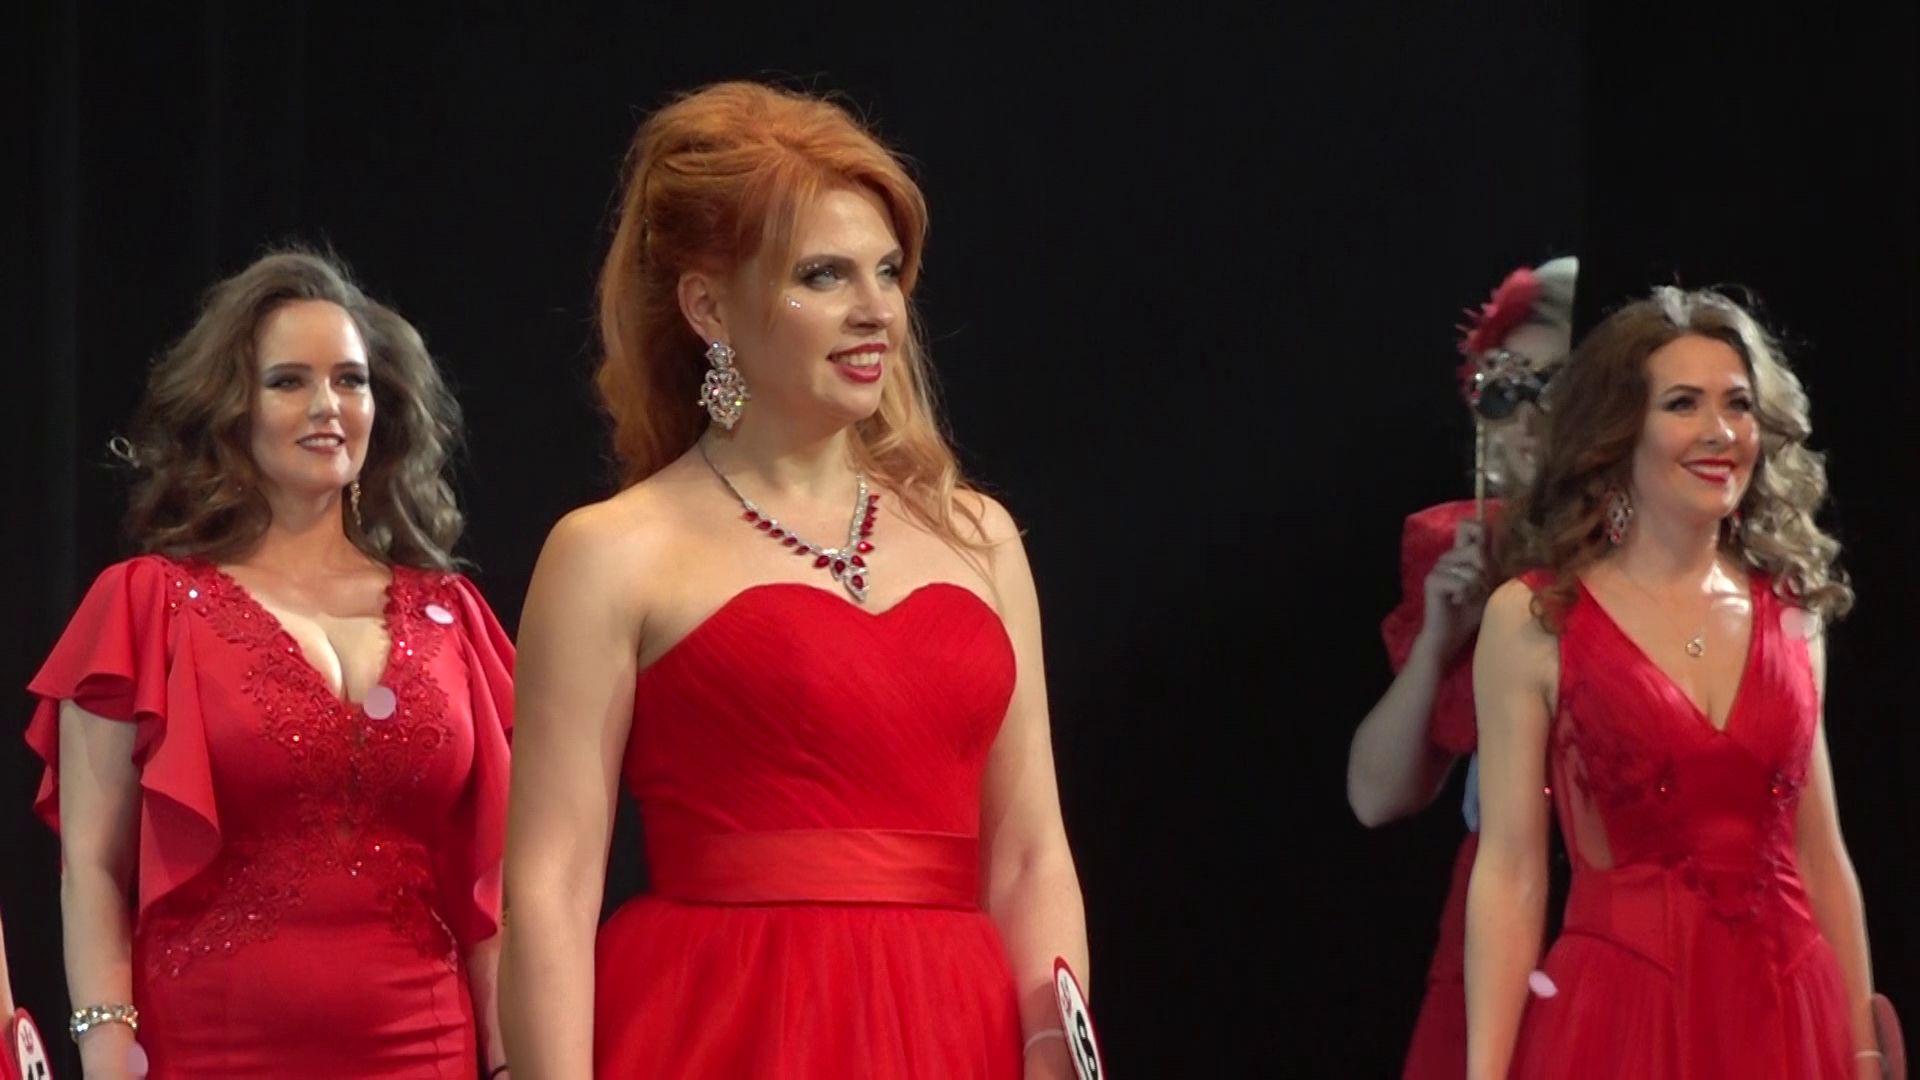 Королева танца и сногсшибательное дефиле: в Ярославле прошел конкурс красоты среди мам